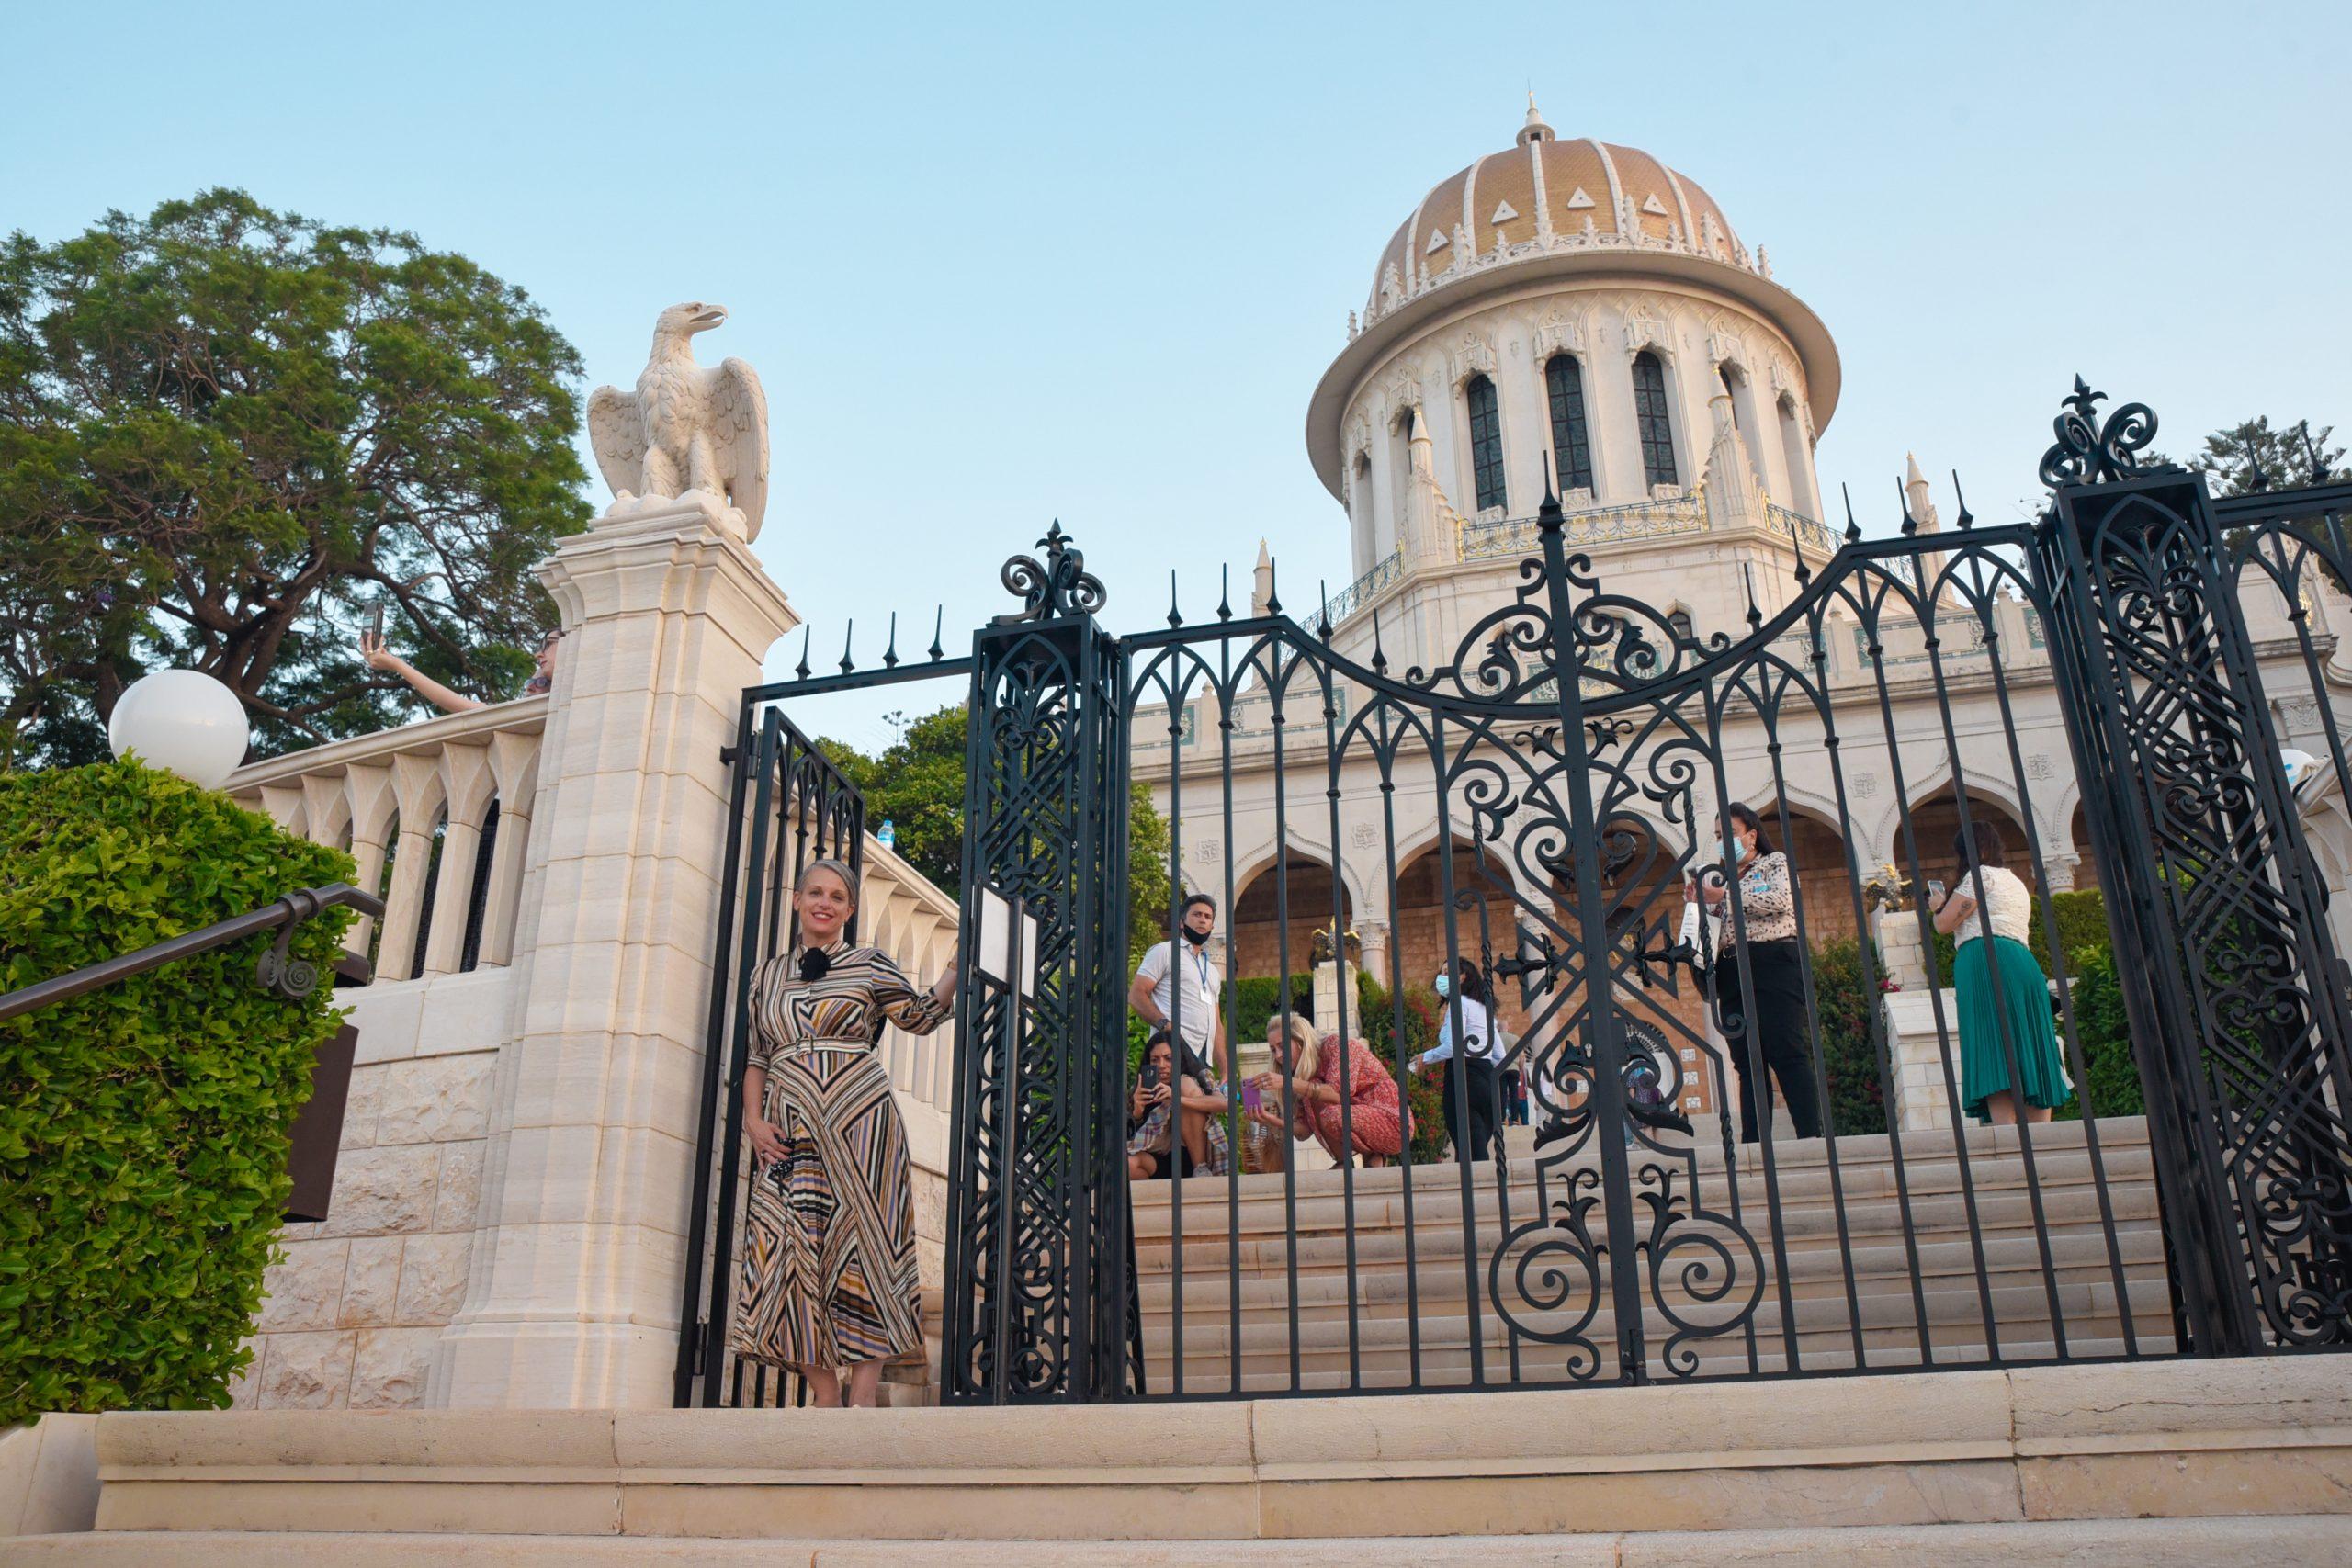 הגנים הבאהיים חיפה חופשה בחיפה שירי ויצנר בלוג חיפאית